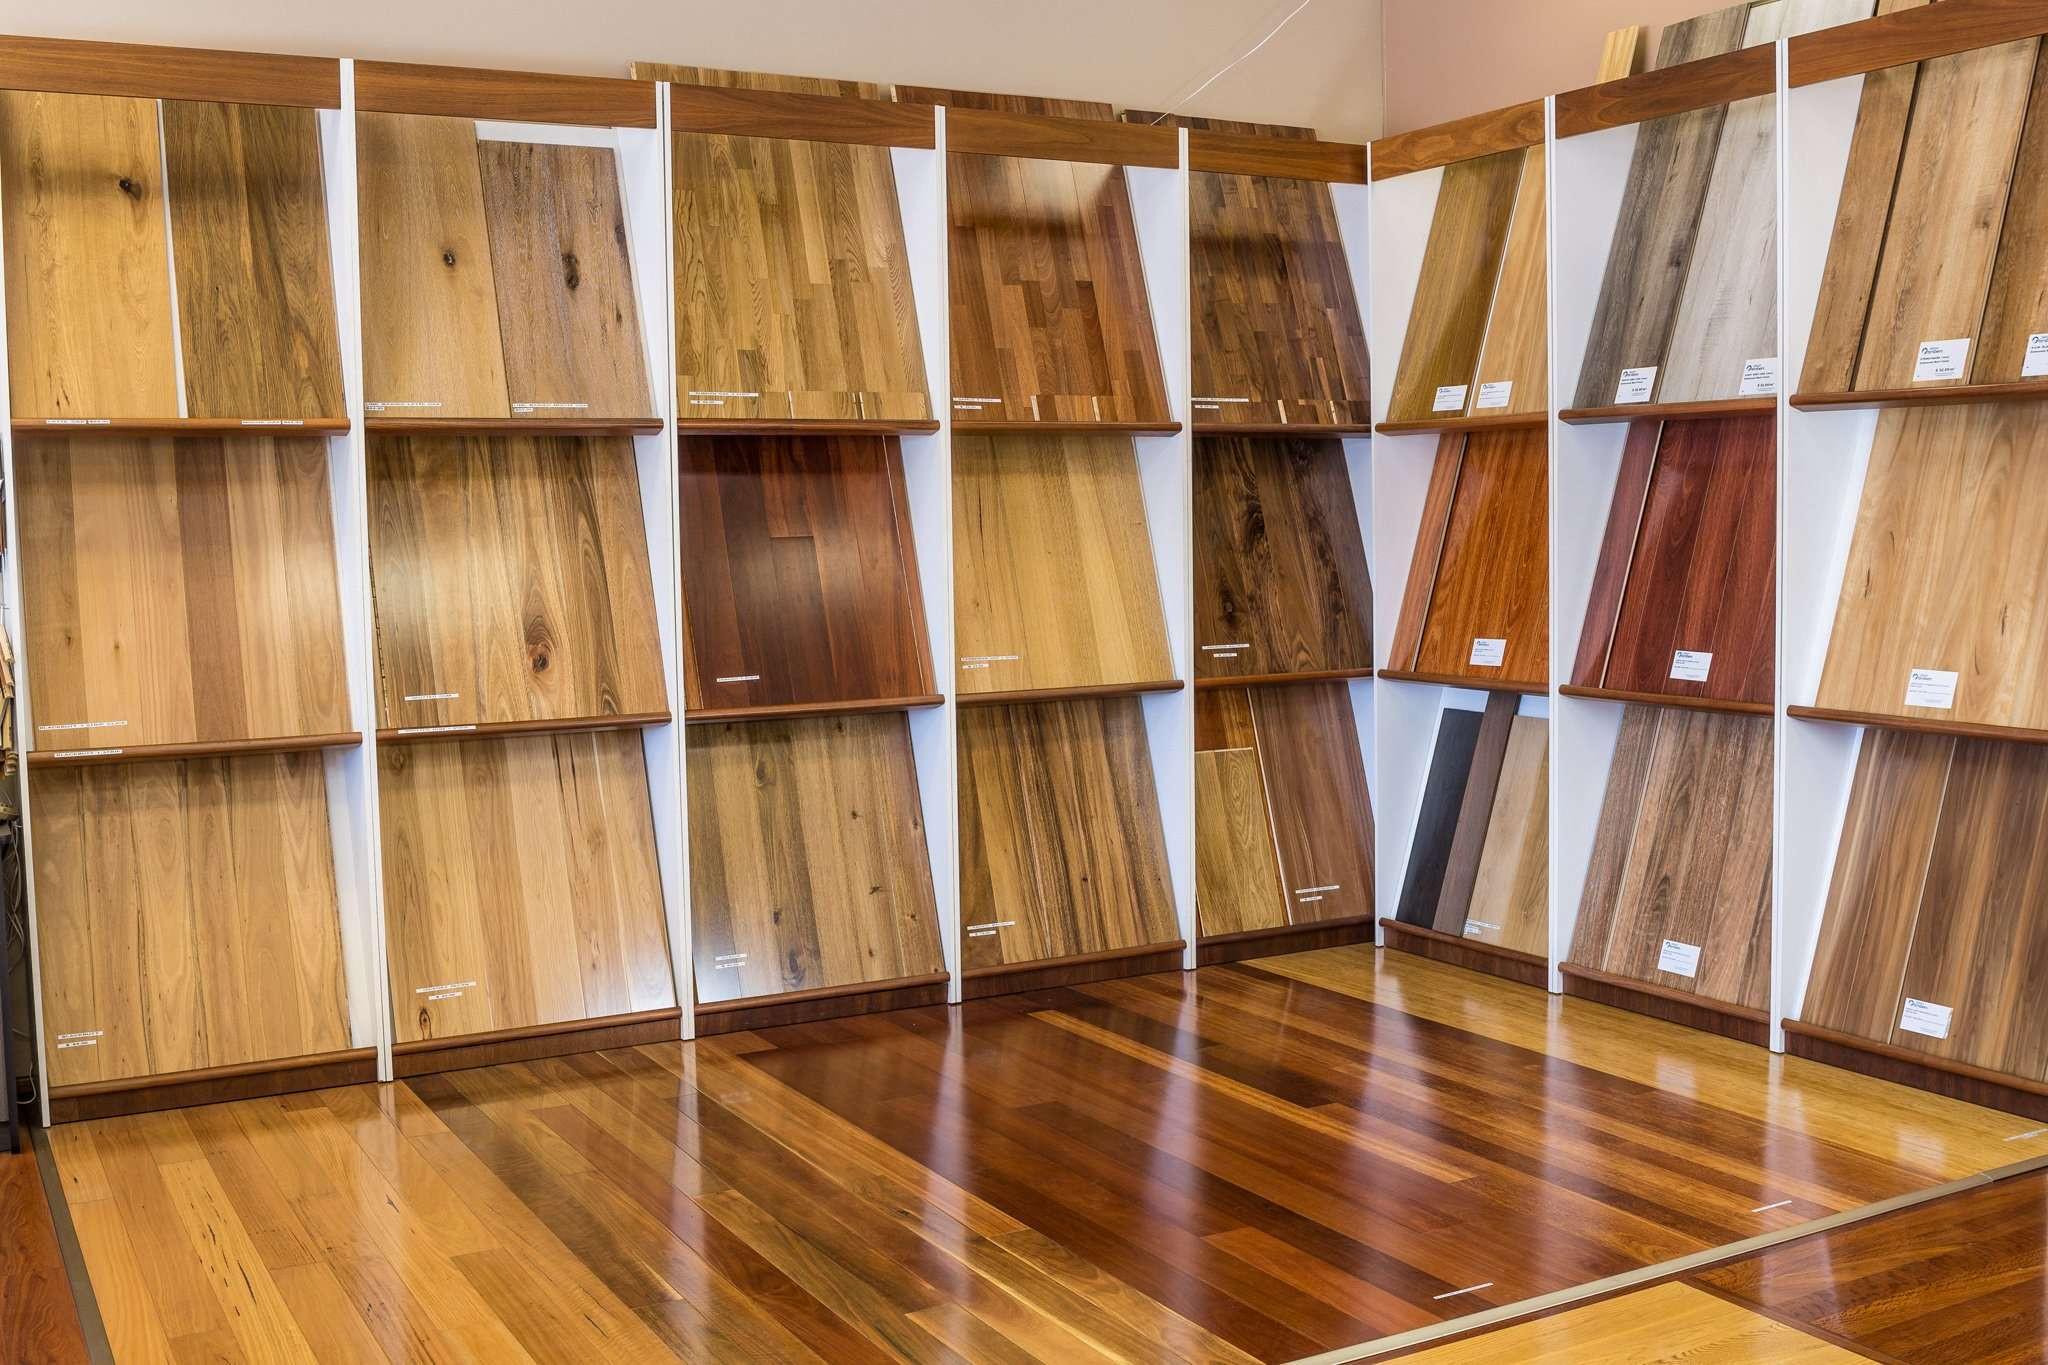 glue down engineered hardwood flooring vs floating of wood floor price lists a1 wood floors regarding 12mm laminate on sale 28 00 ma²